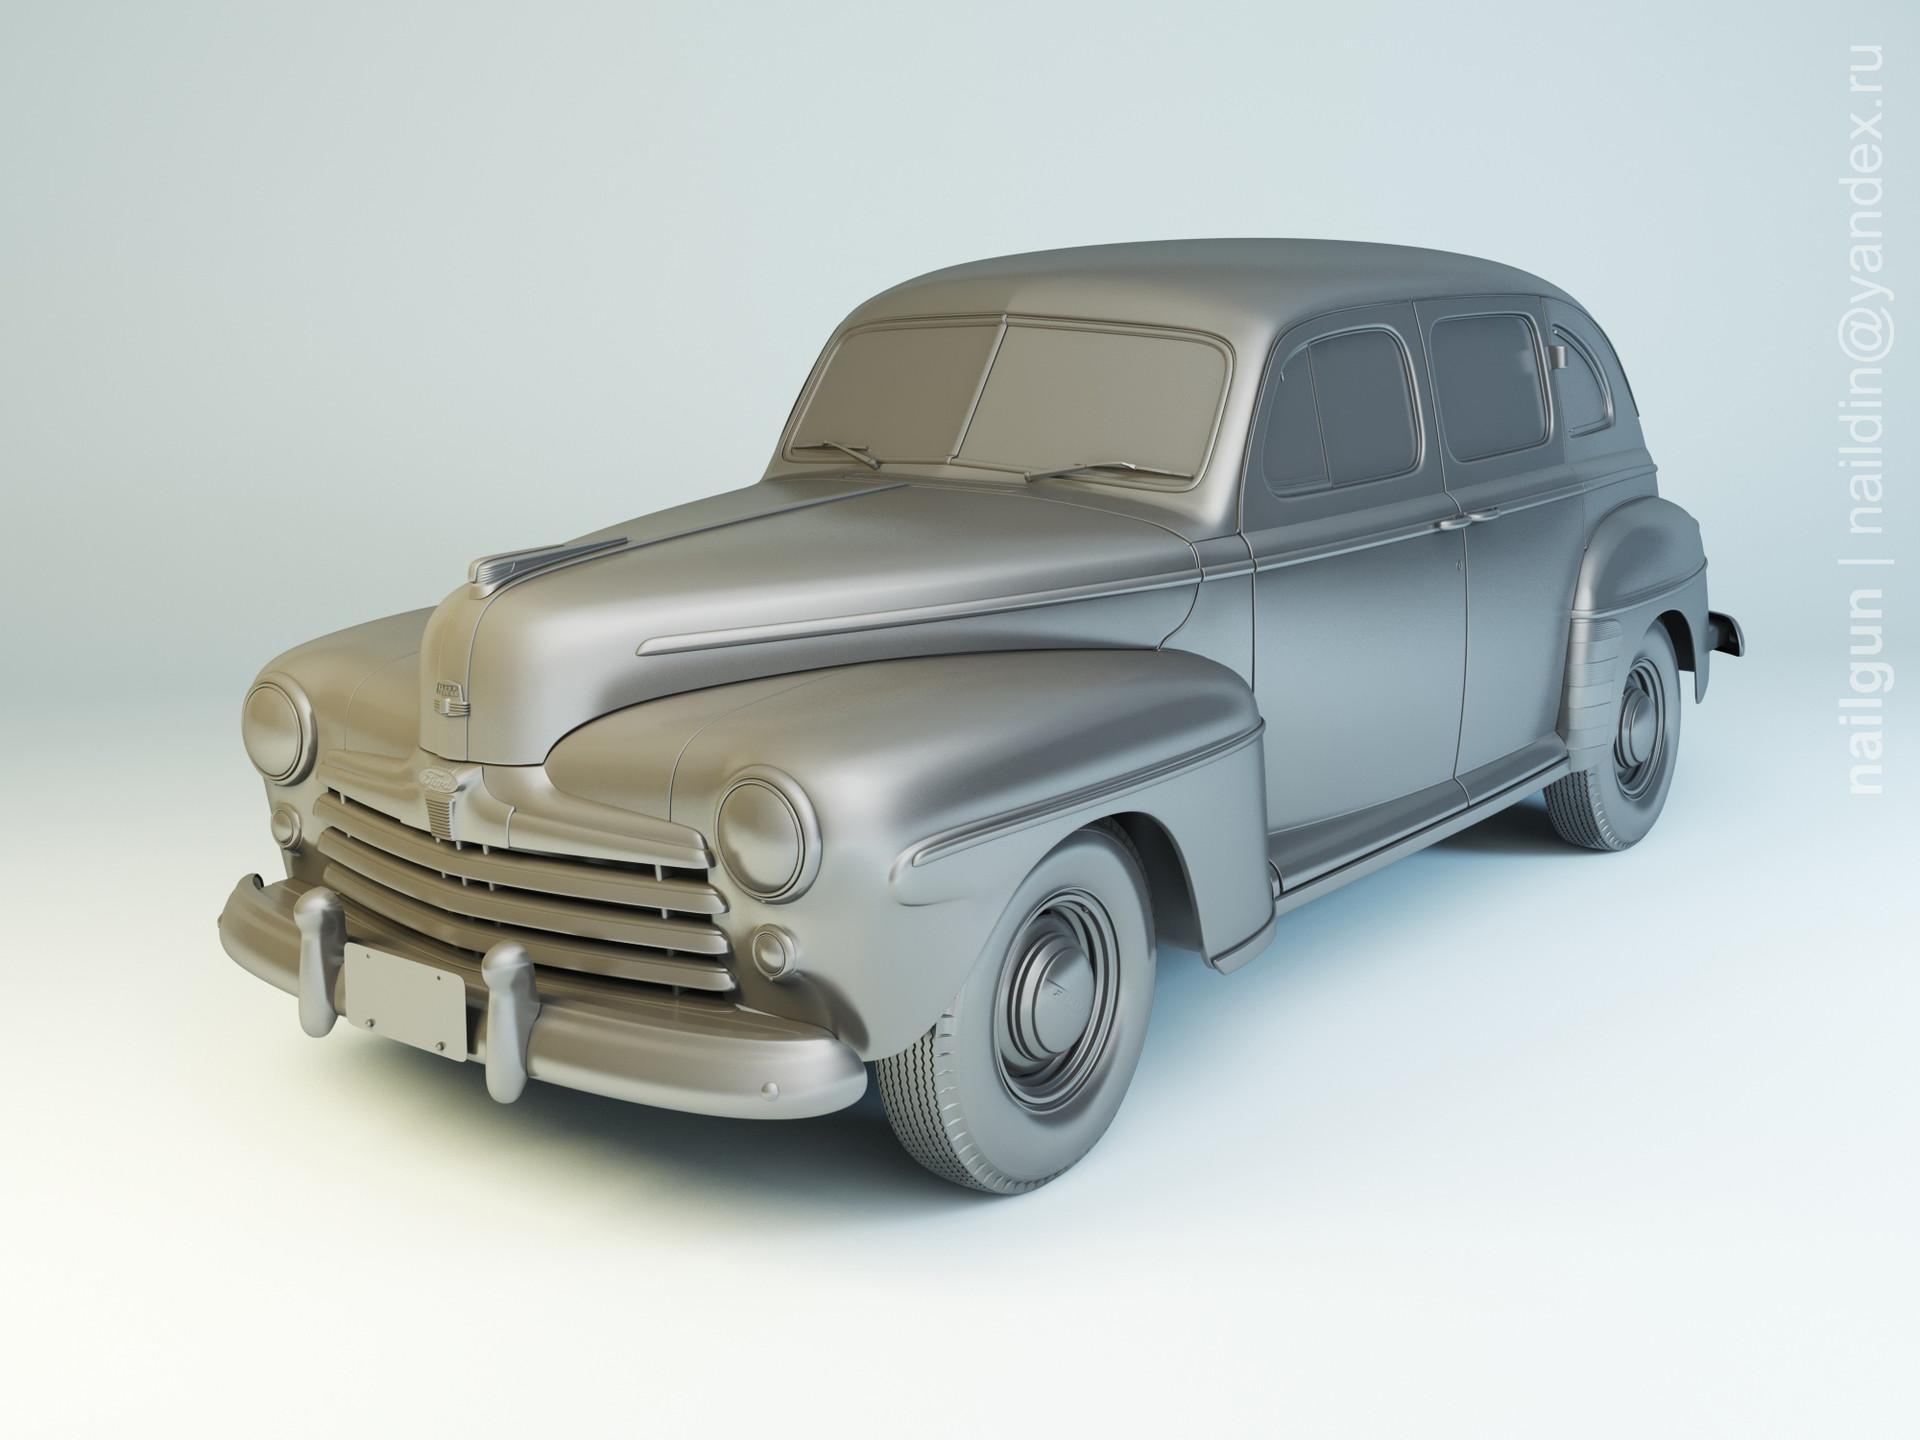 Nail khusnutdinov pwc 050 004 ford fordor modelling 0